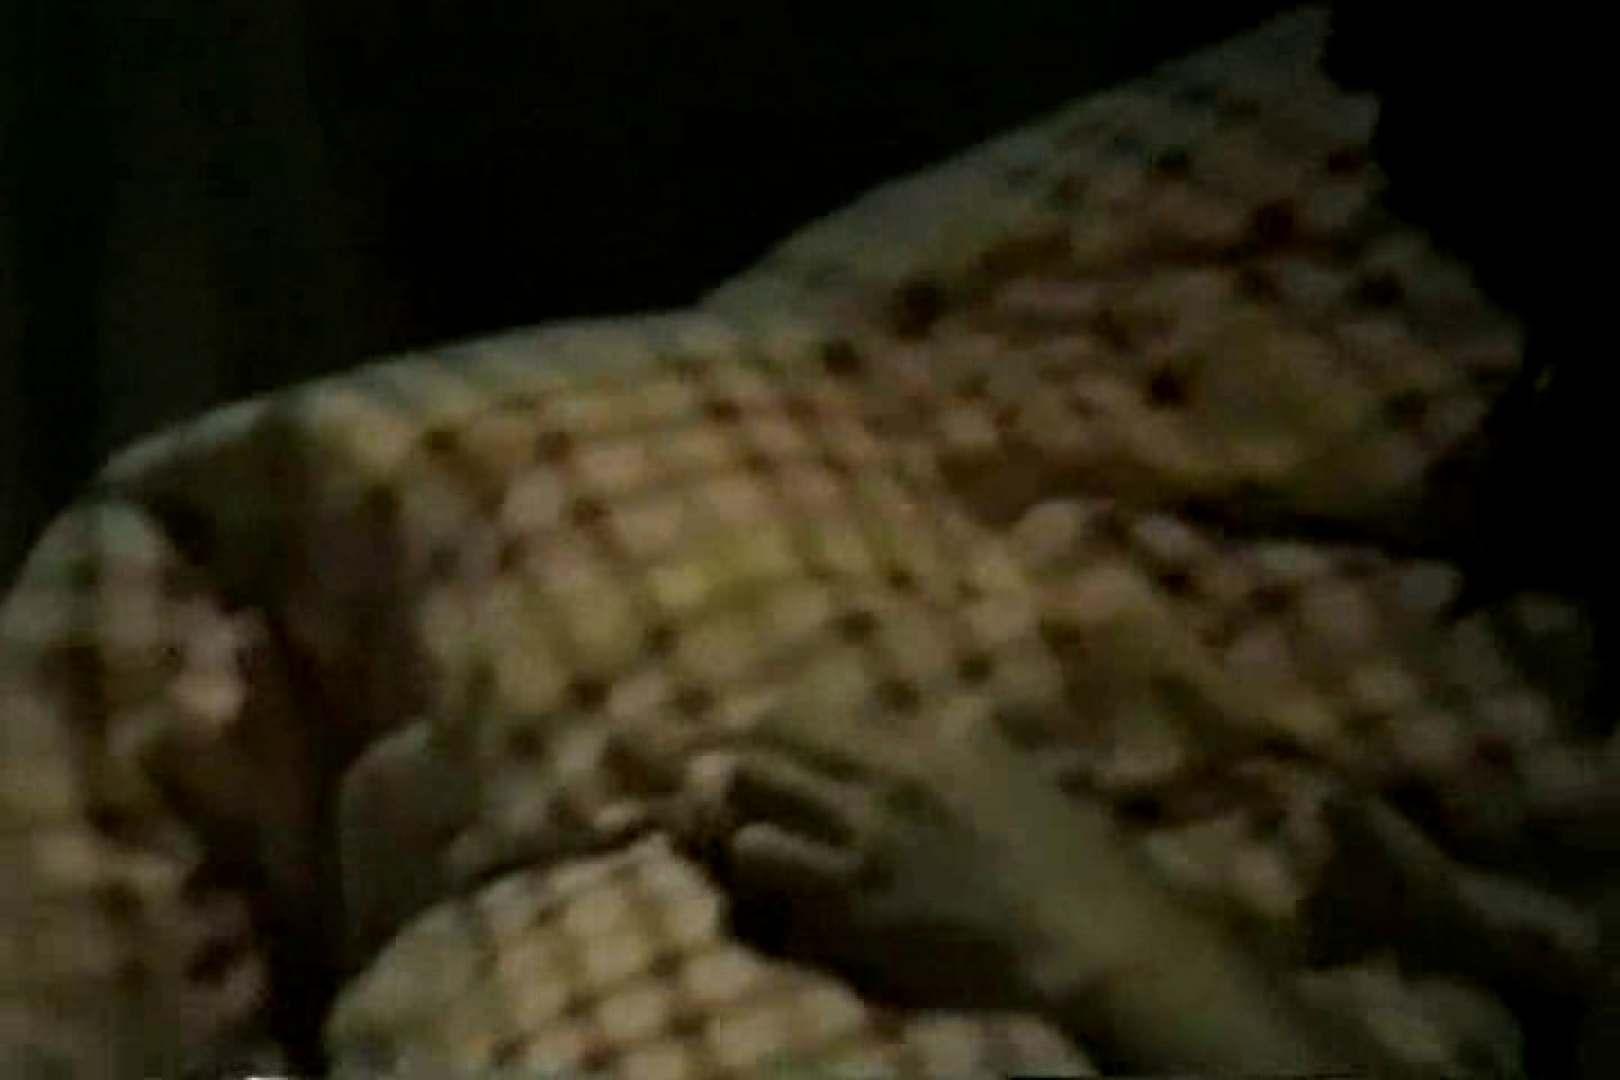 深夜の撮影会Vol.6 覗き放題   企画  88画像 26